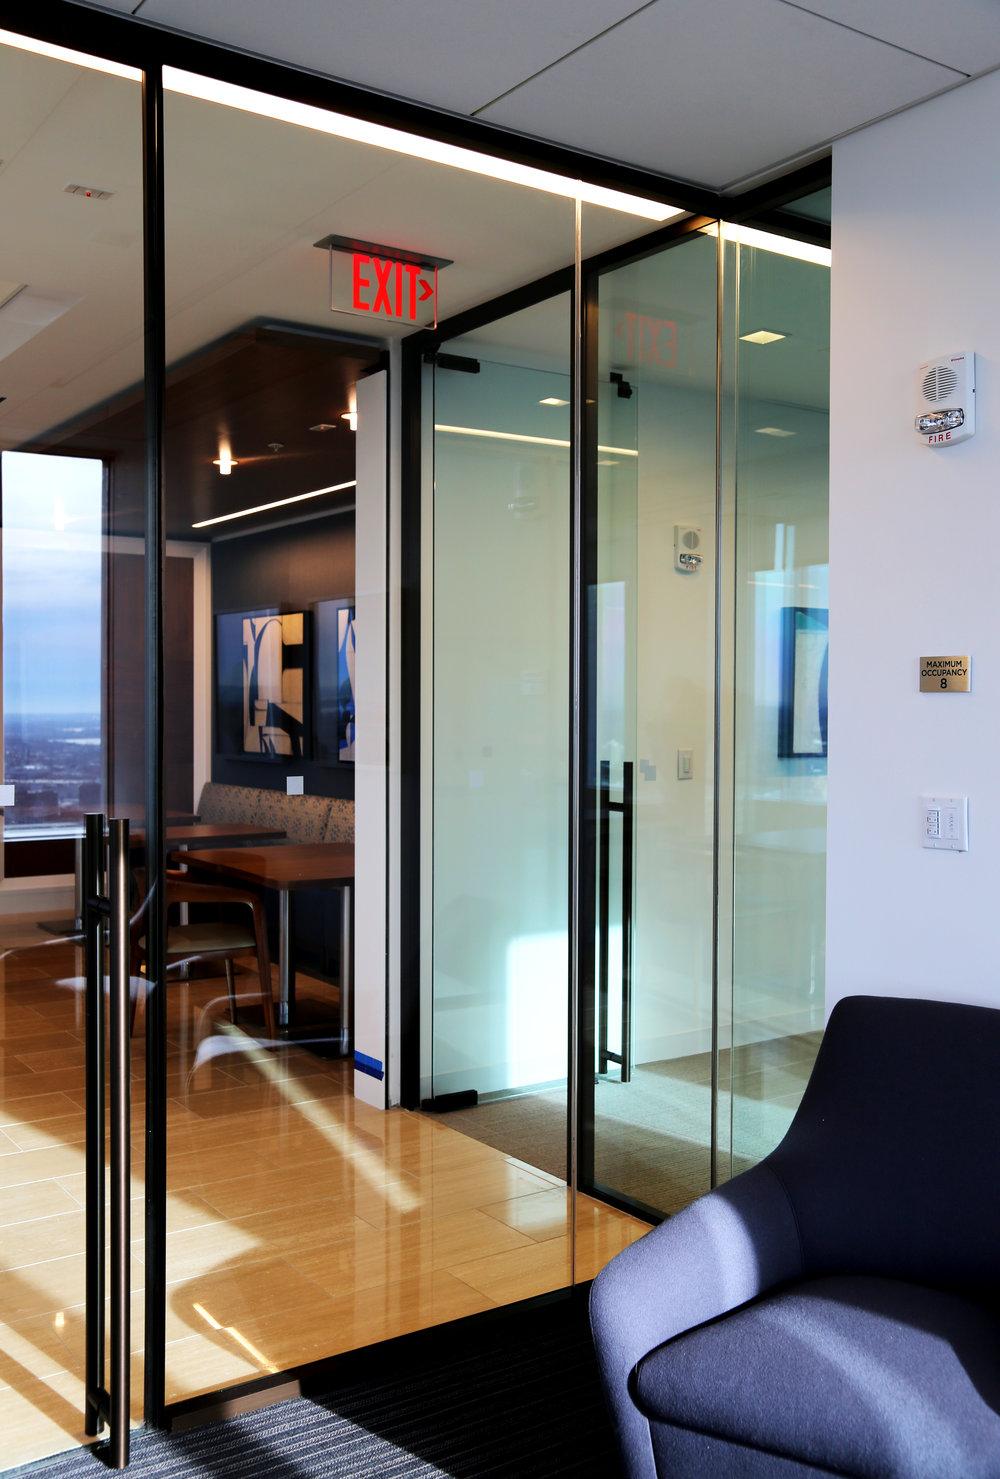 Modernus Frameless Glass Sliding Door Glass Wall Aluminum Framed - Spaceworks AI.jpg